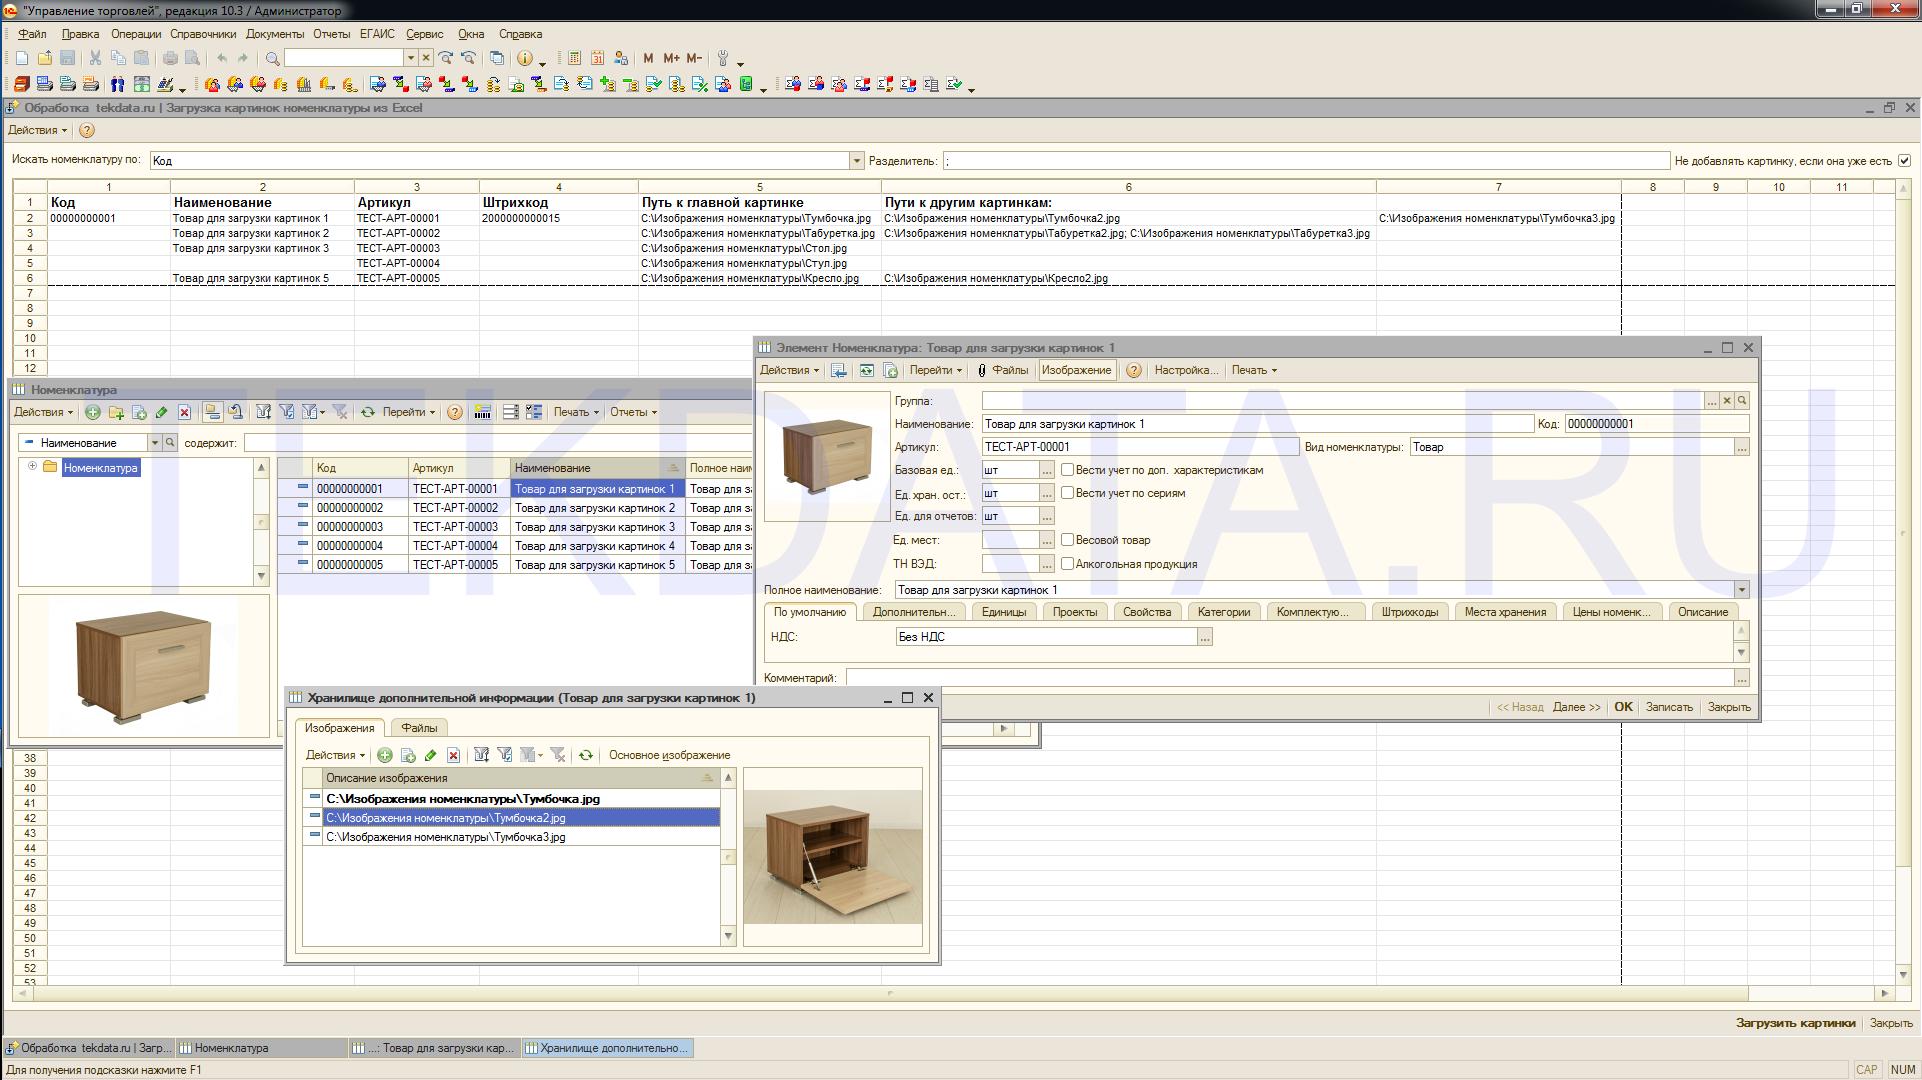 Загрузка картинок номенклатуры из Excel для 1С:УТ 10.3